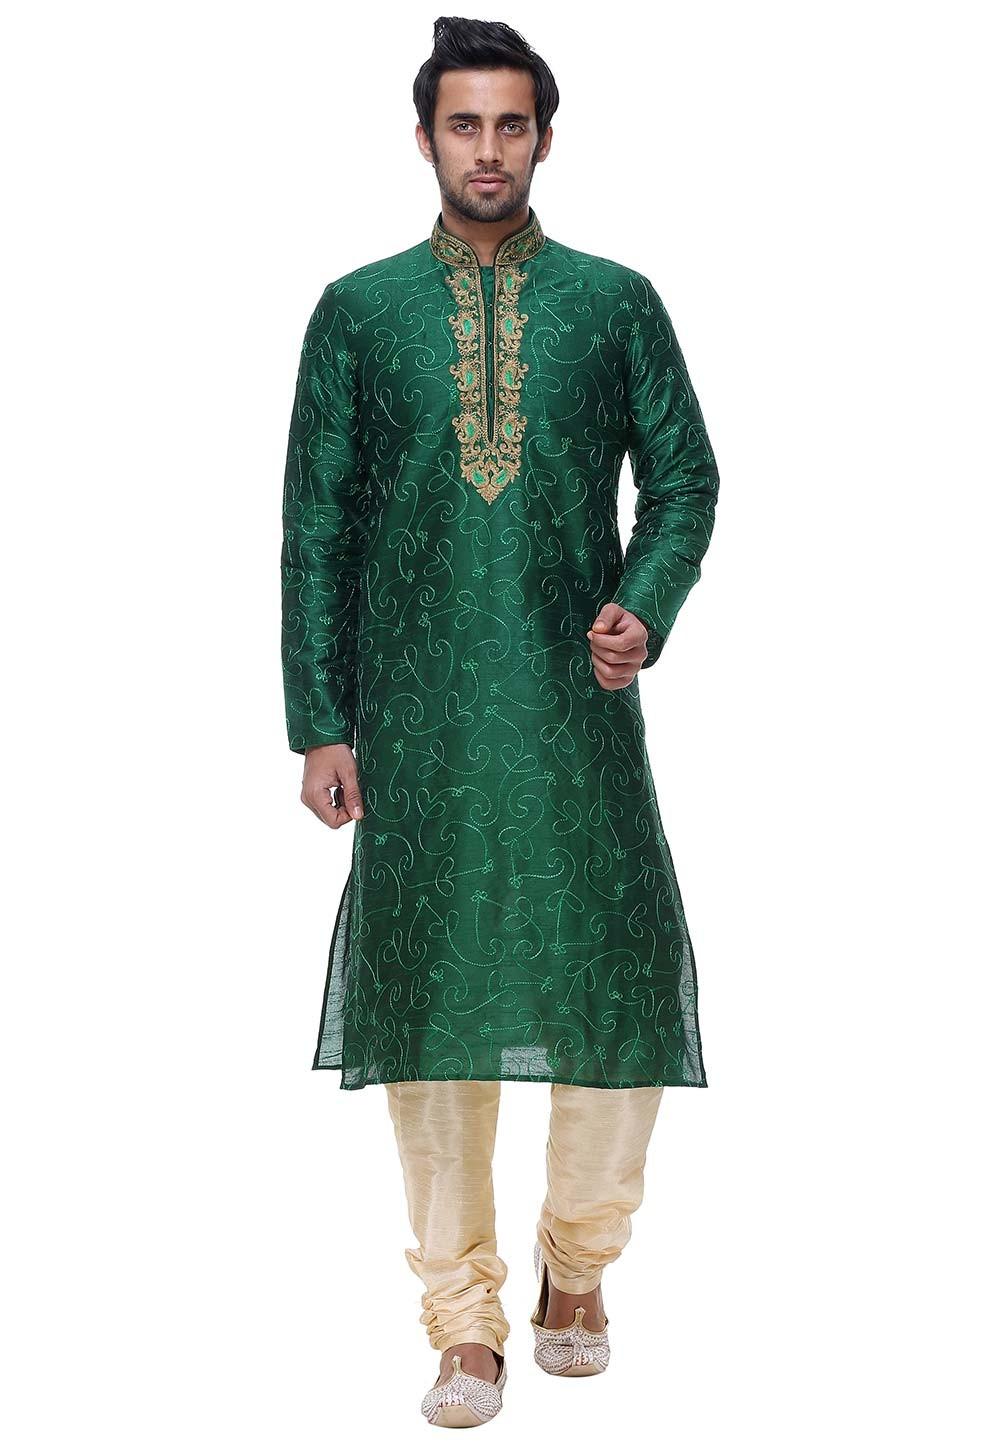 Green Color Silk Indian Wedding Kurta Pajama.